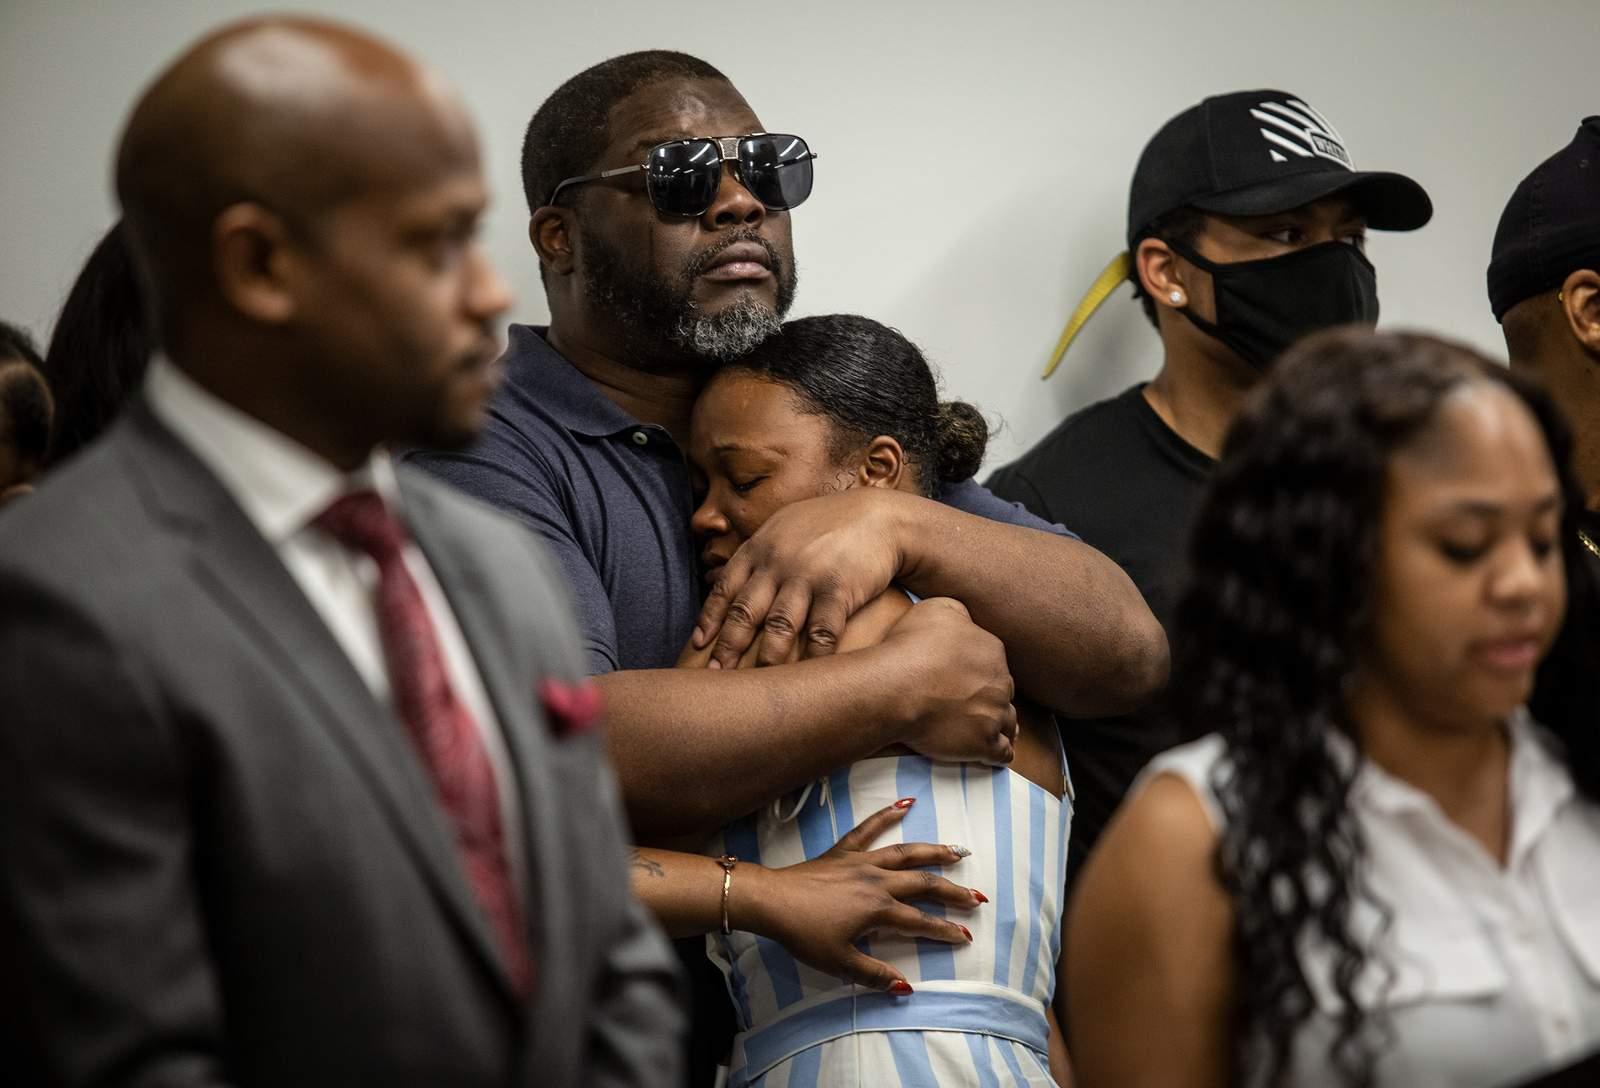 Familia de Rayshard Brooks pide justicia; se descubren estafas en ONGs que recaudaron fondos para BLM